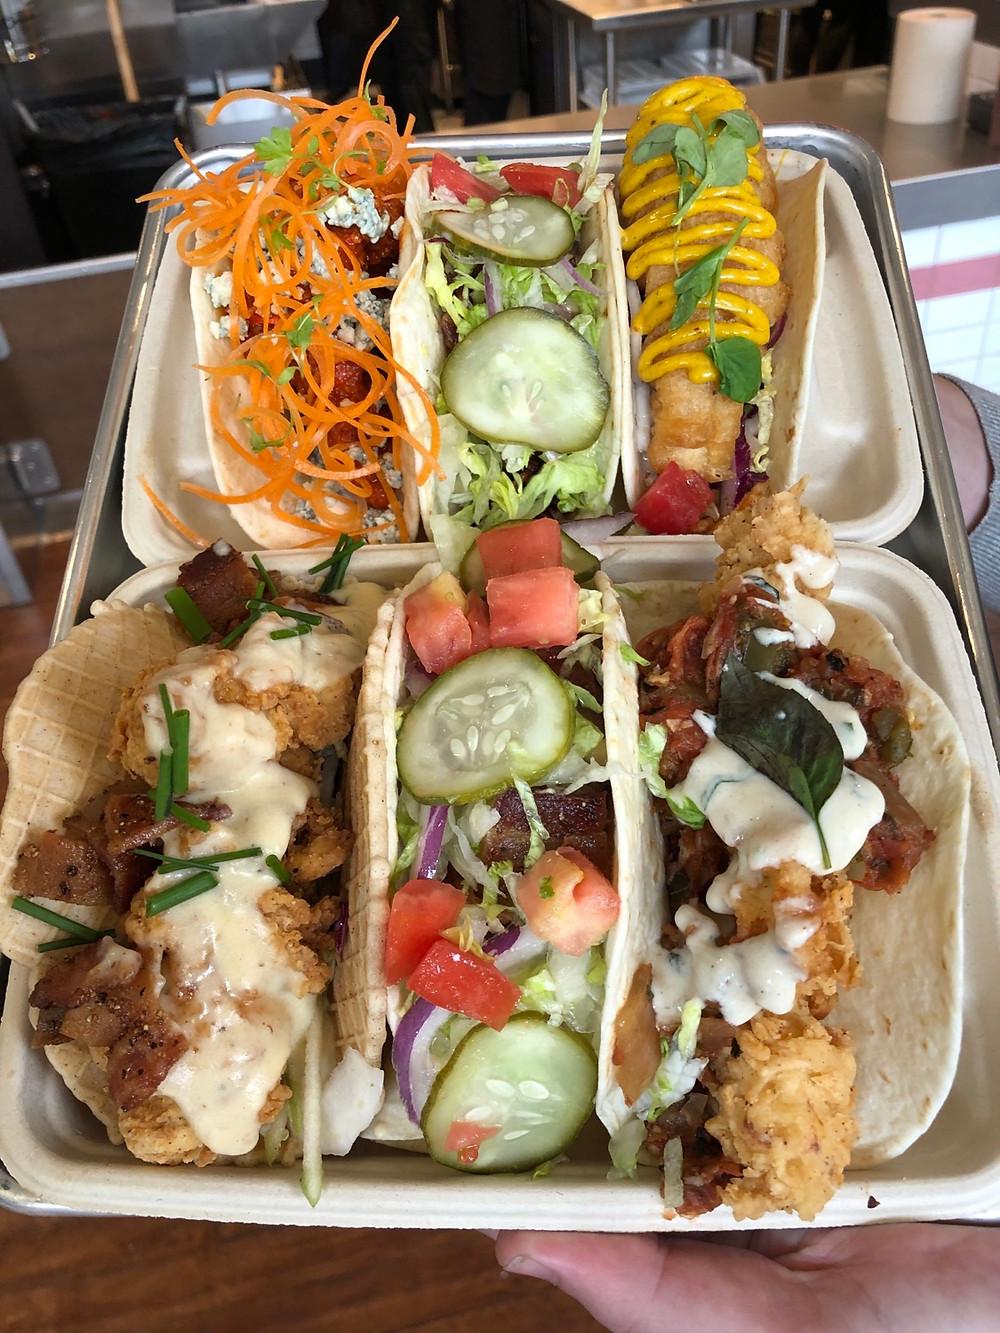 velvet taco charlotte review - food pic 1